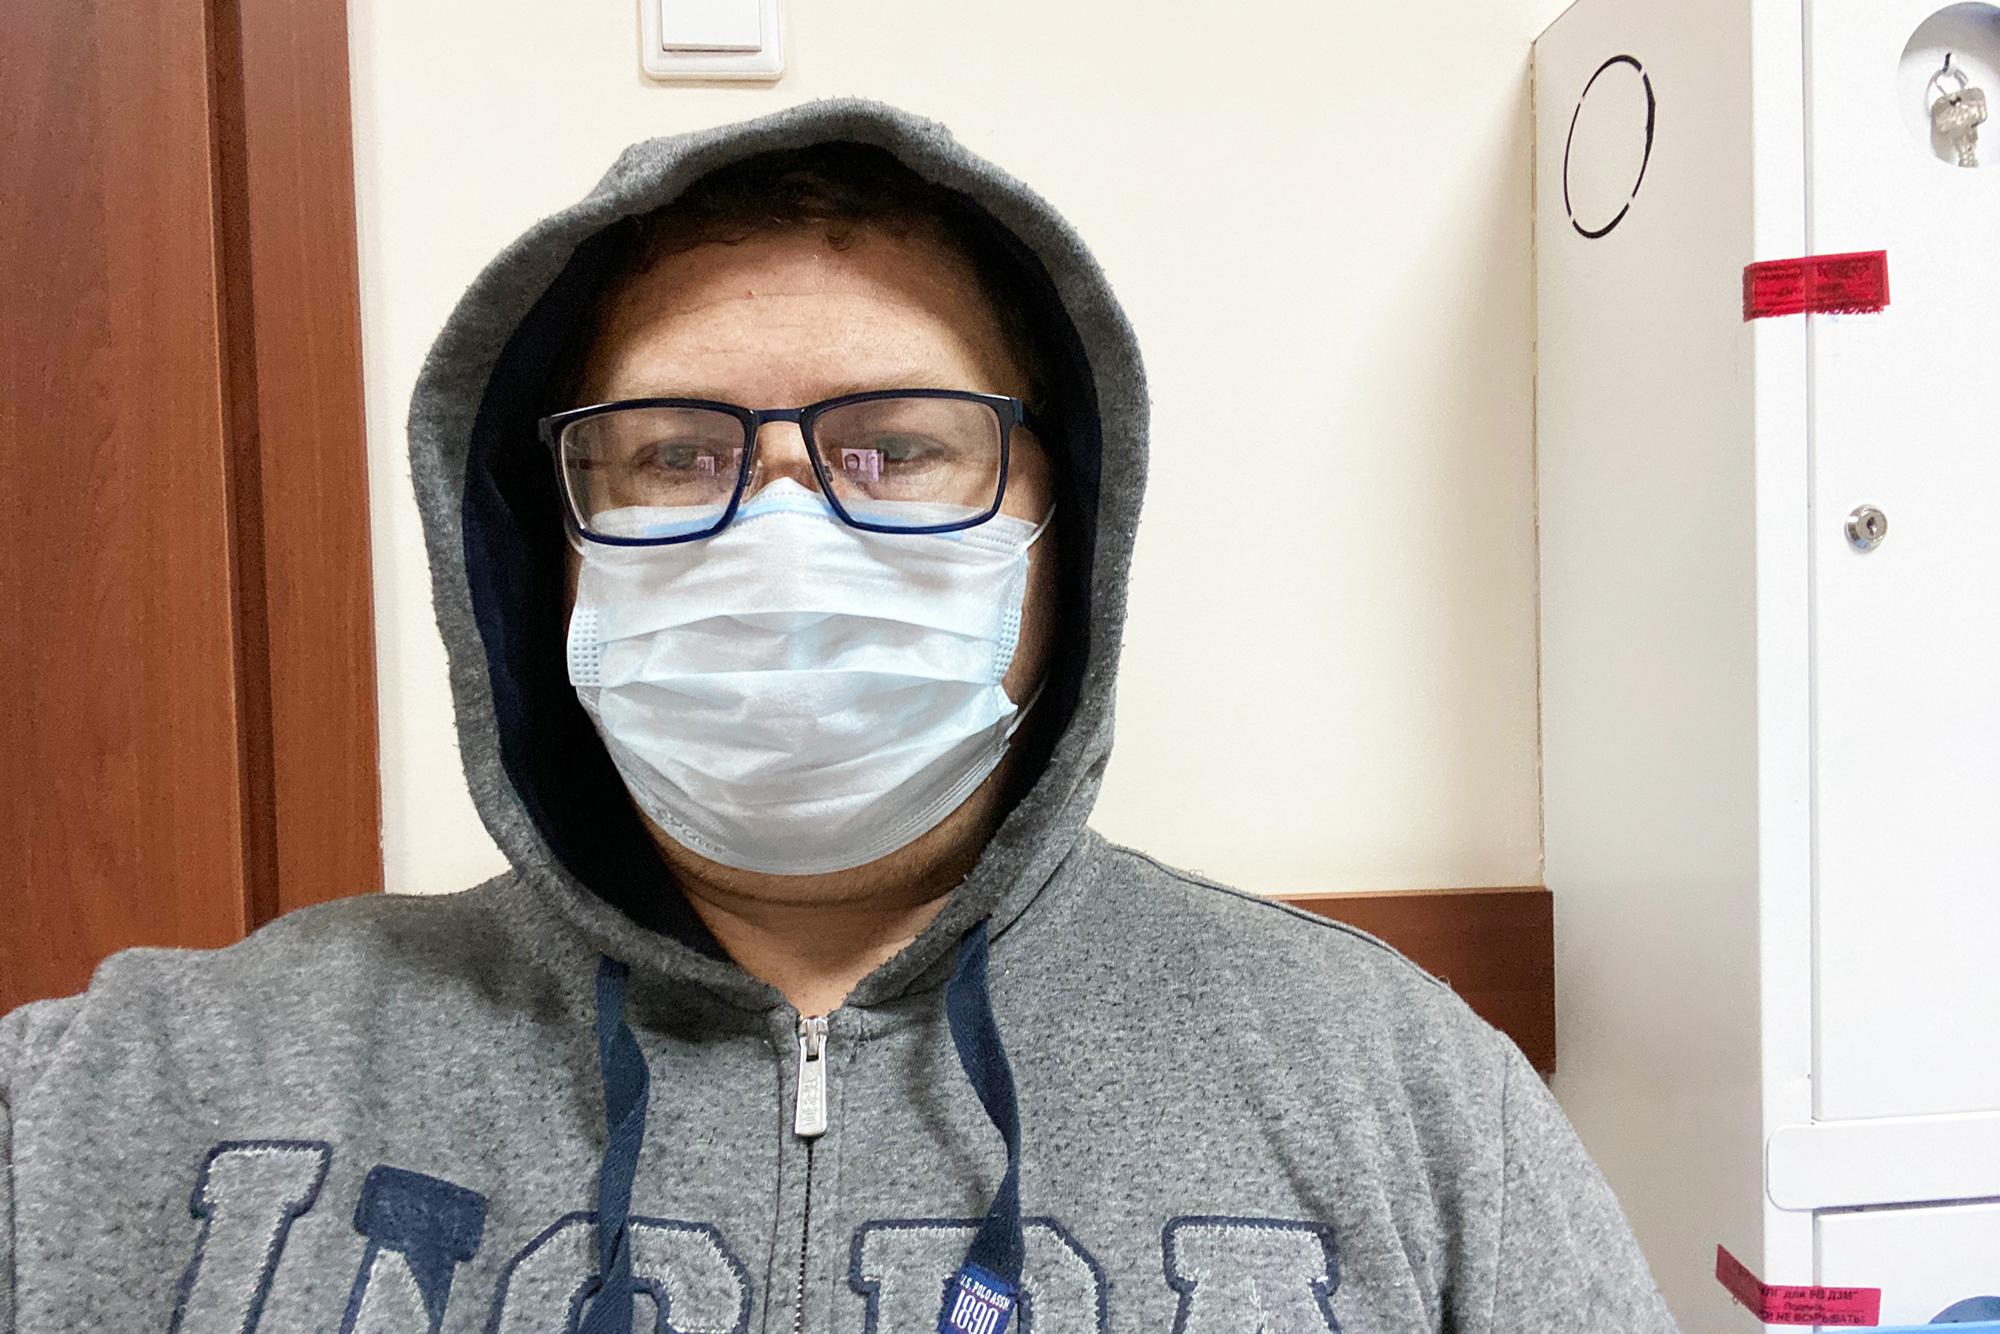 Пришли результаты теста на коронавирус